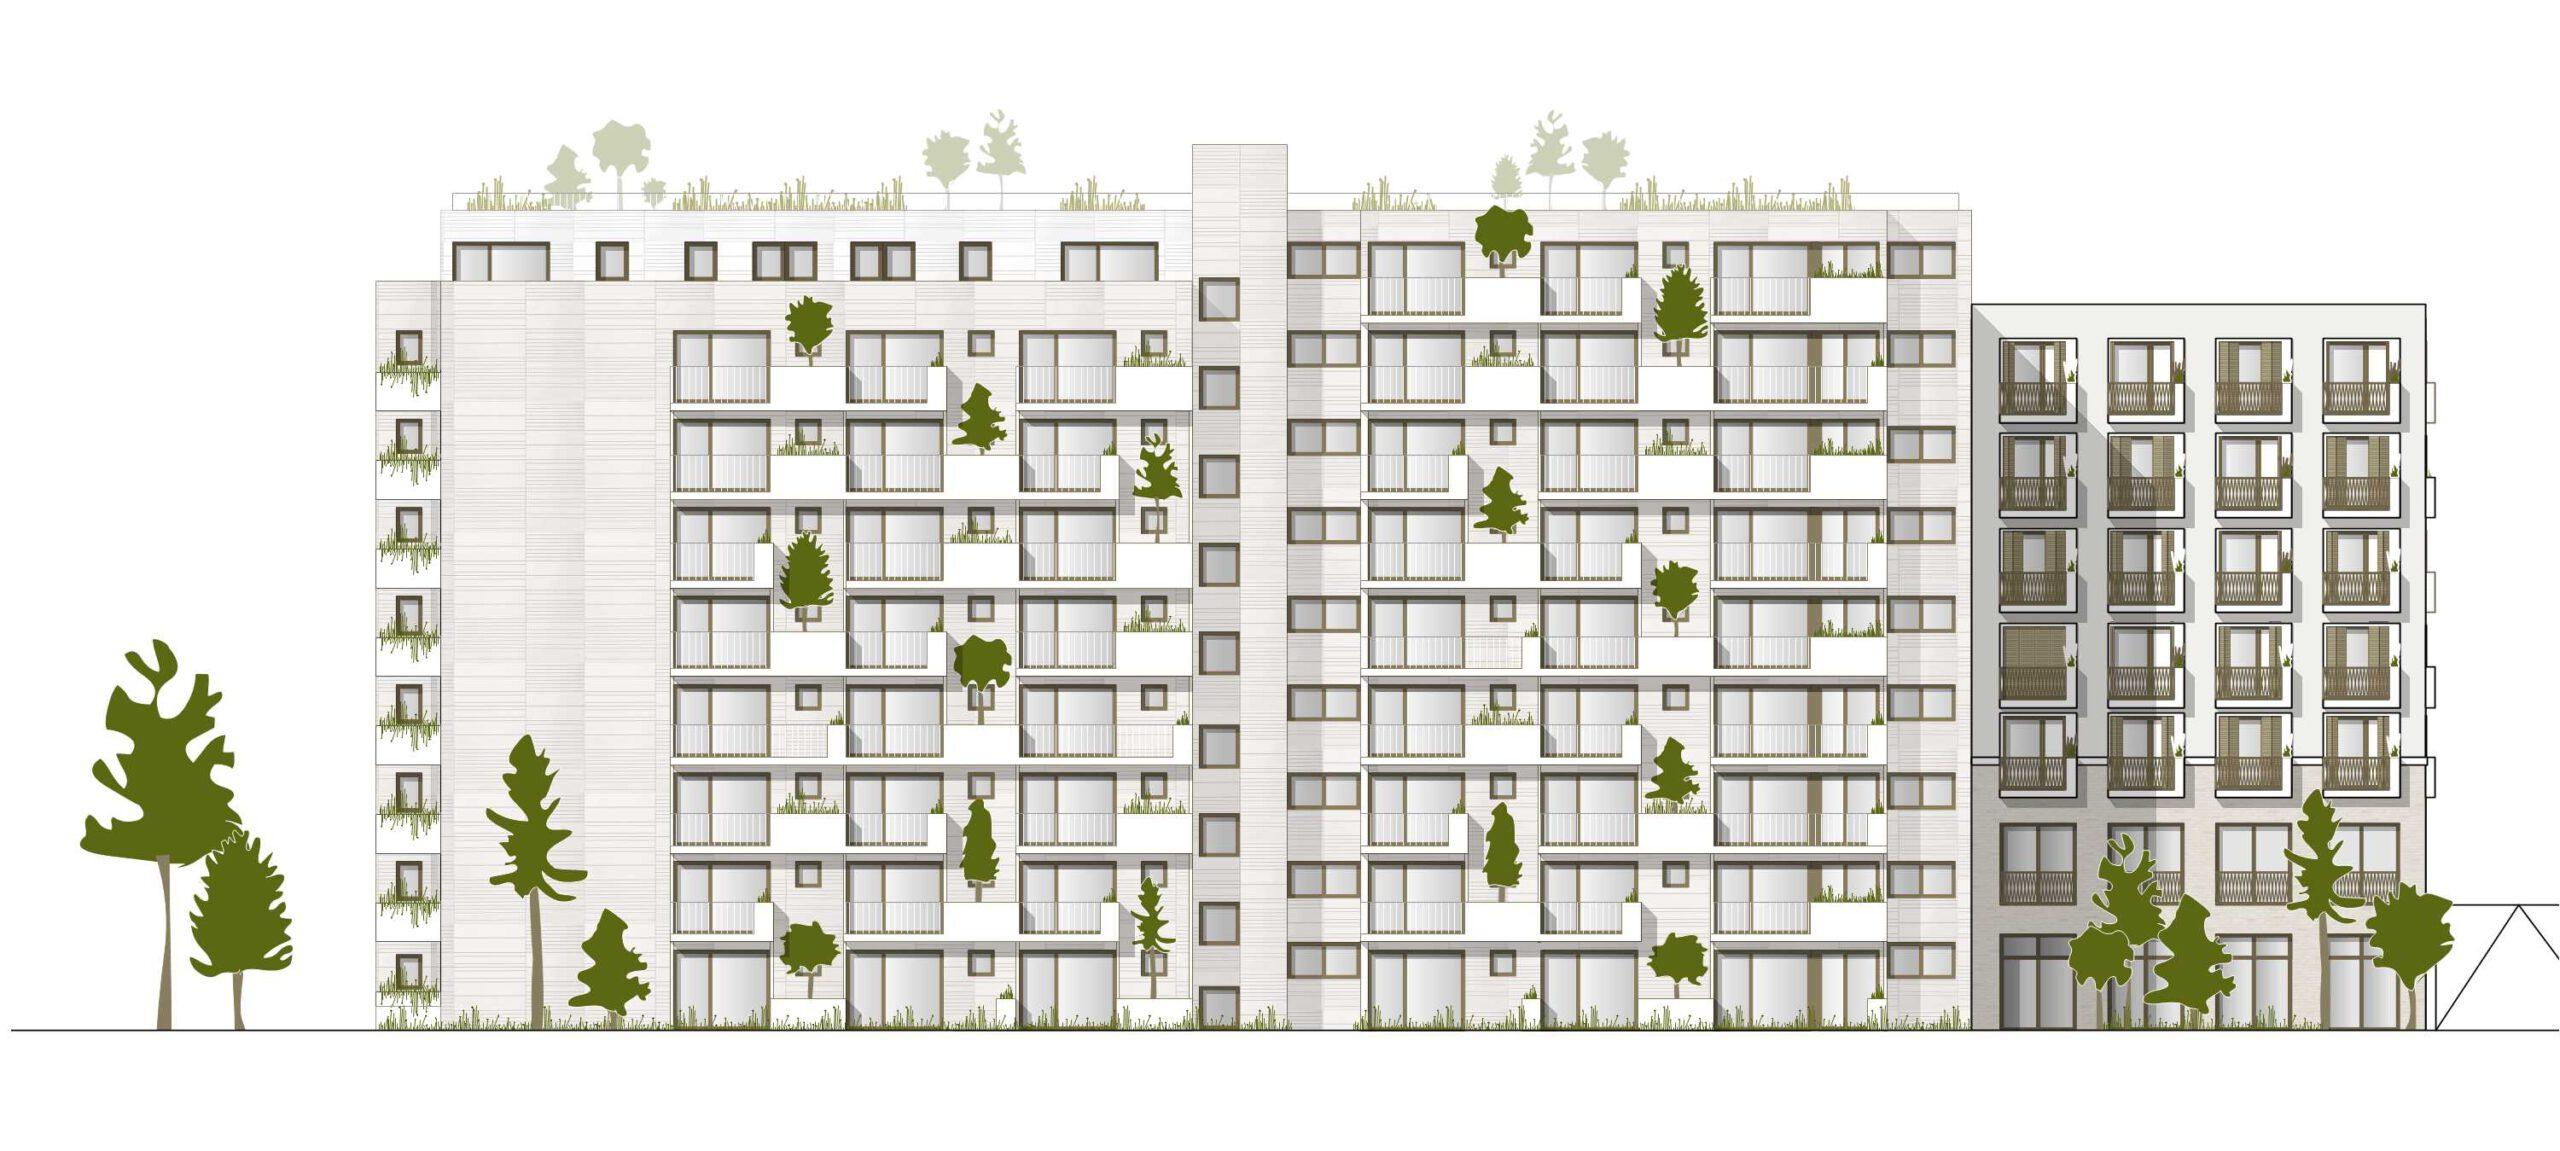 Projekt 377 Avrilléstraße Marktplatz Schwalbach Ansicht Wohnen FFM-ARCHITEKTEN